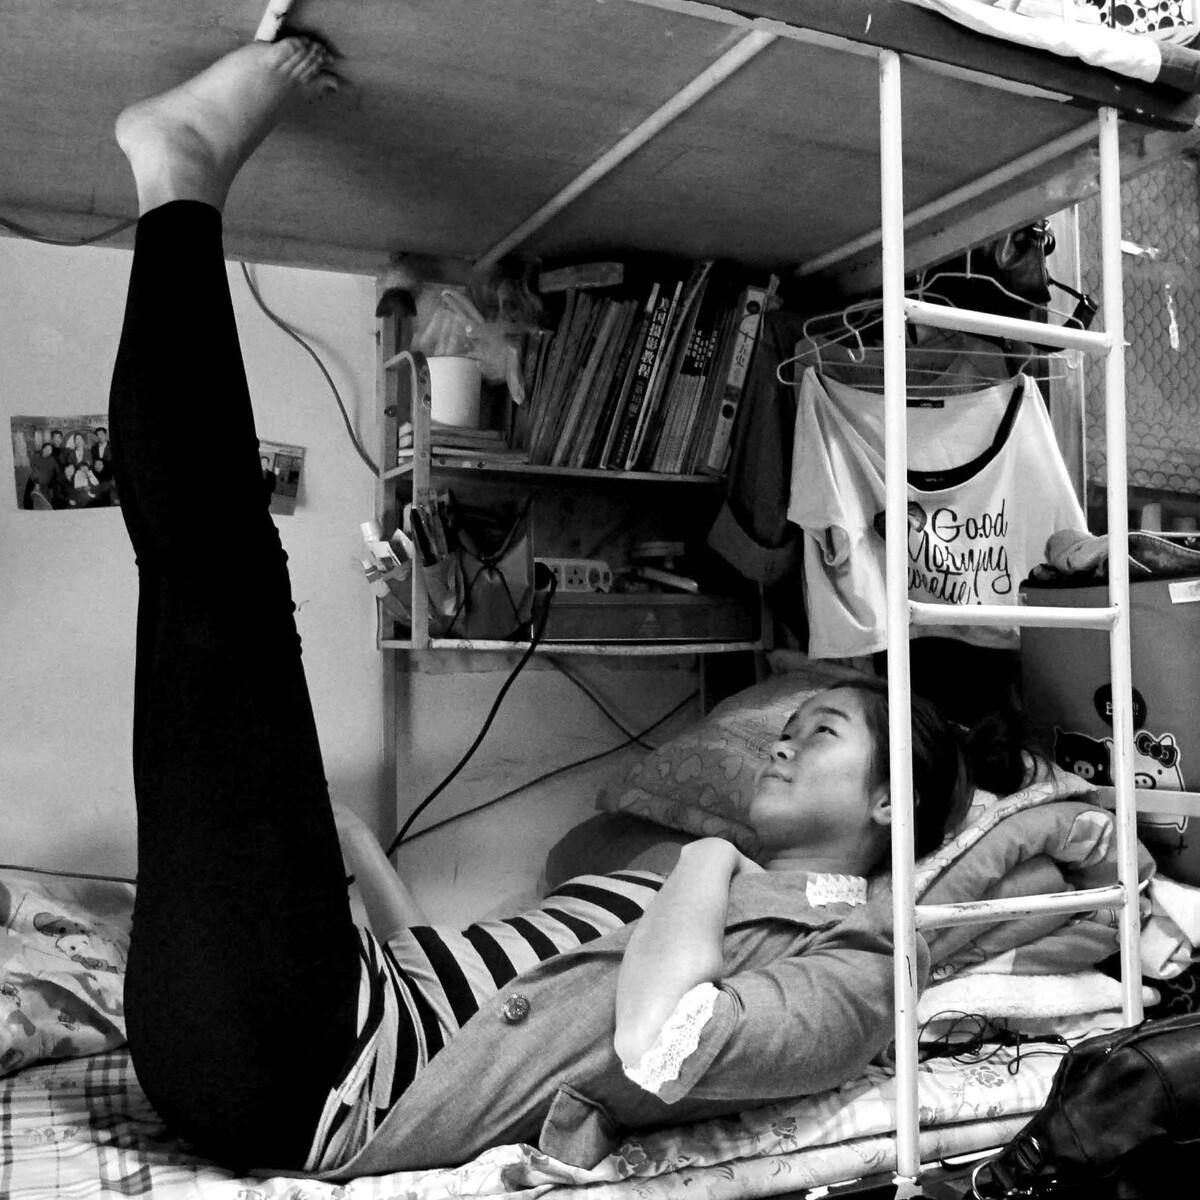 女大学生的宿舍生活其实挺丰富的